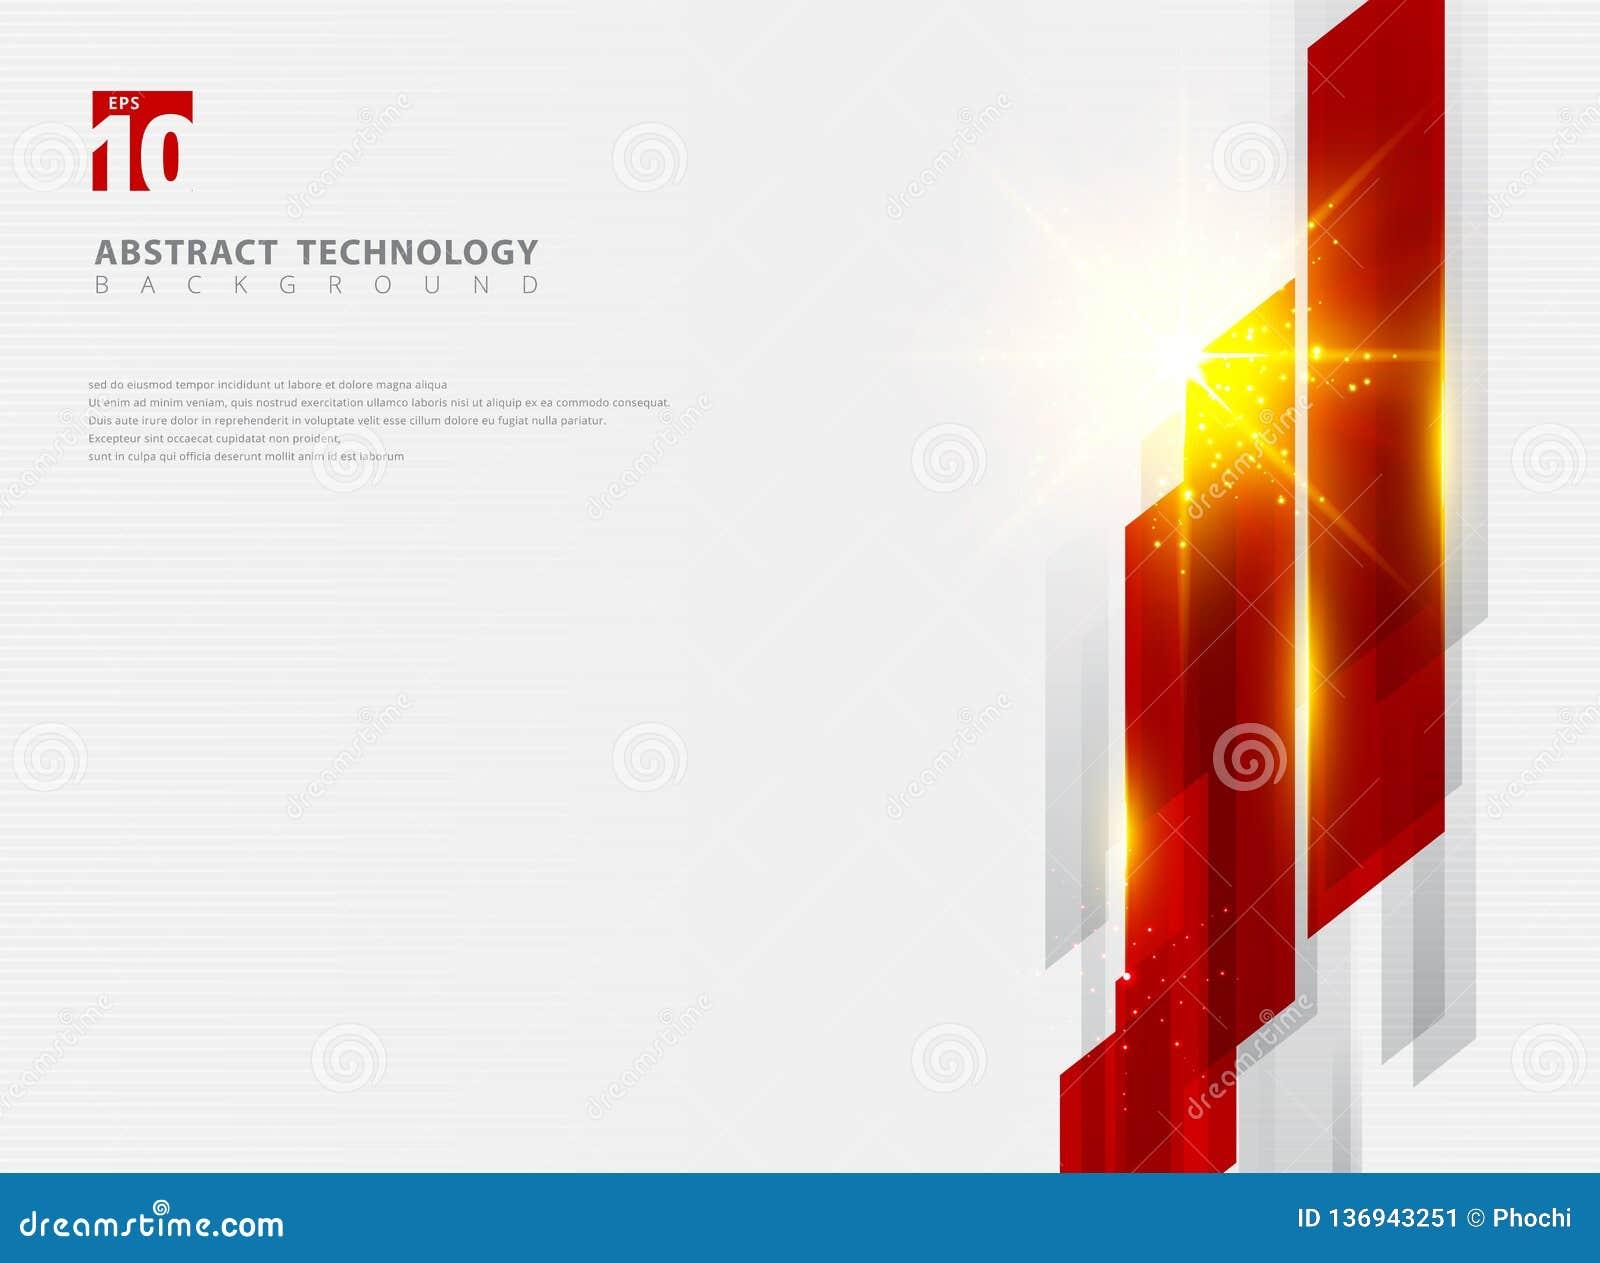 Fondo brillante geométrico del movimiento del color rojo de la tecnología del extracto con efecto luminoso